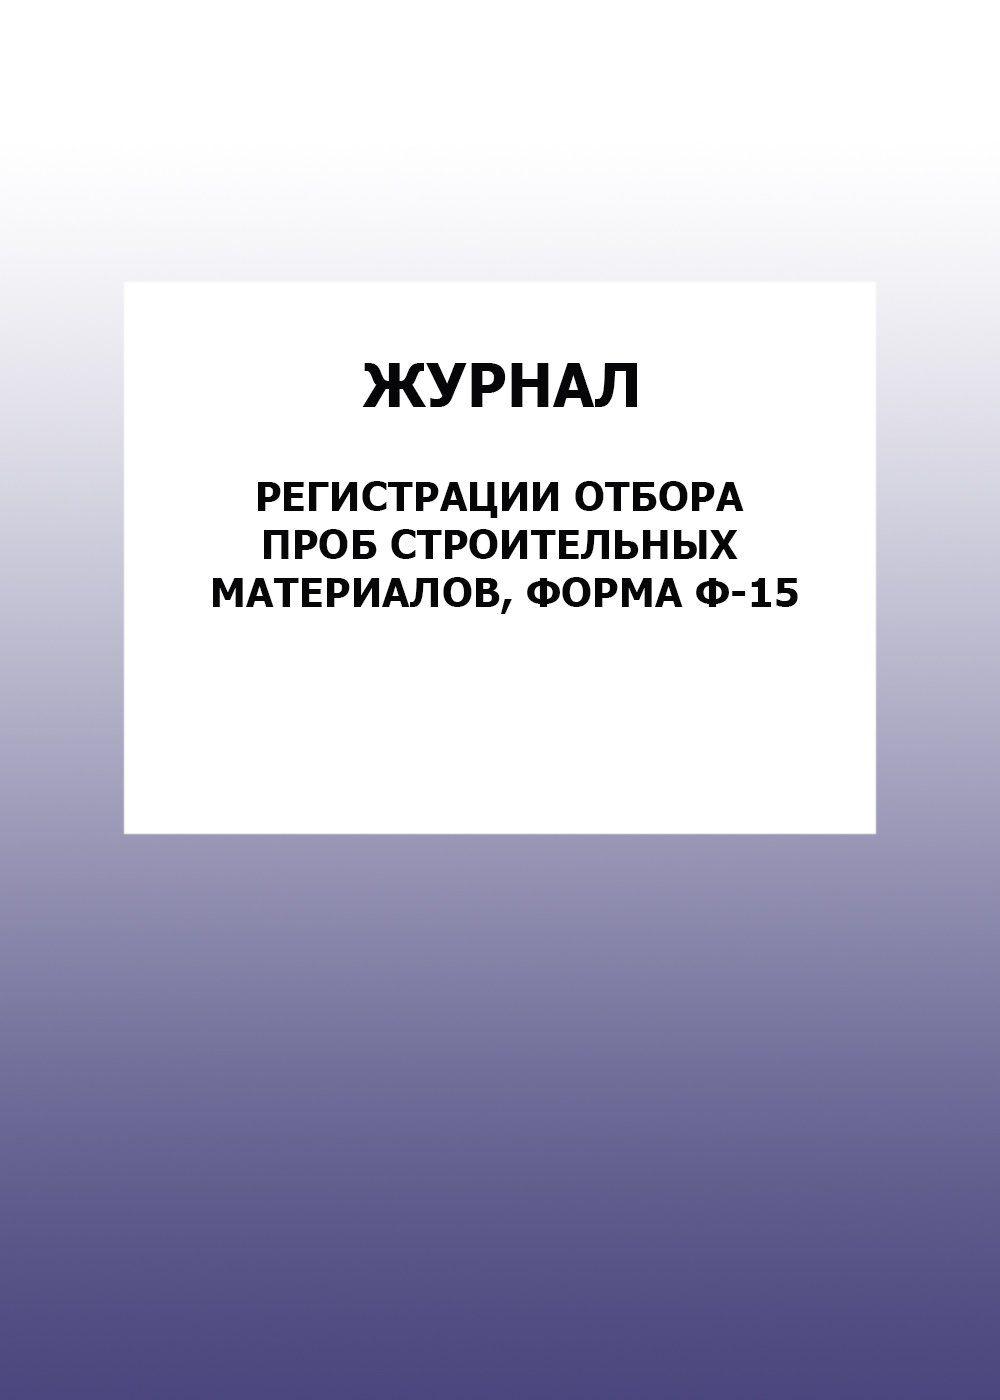 Журнал регистрации отбора проб строительных материалов, форма Ф-15: упаковка 100 шт.